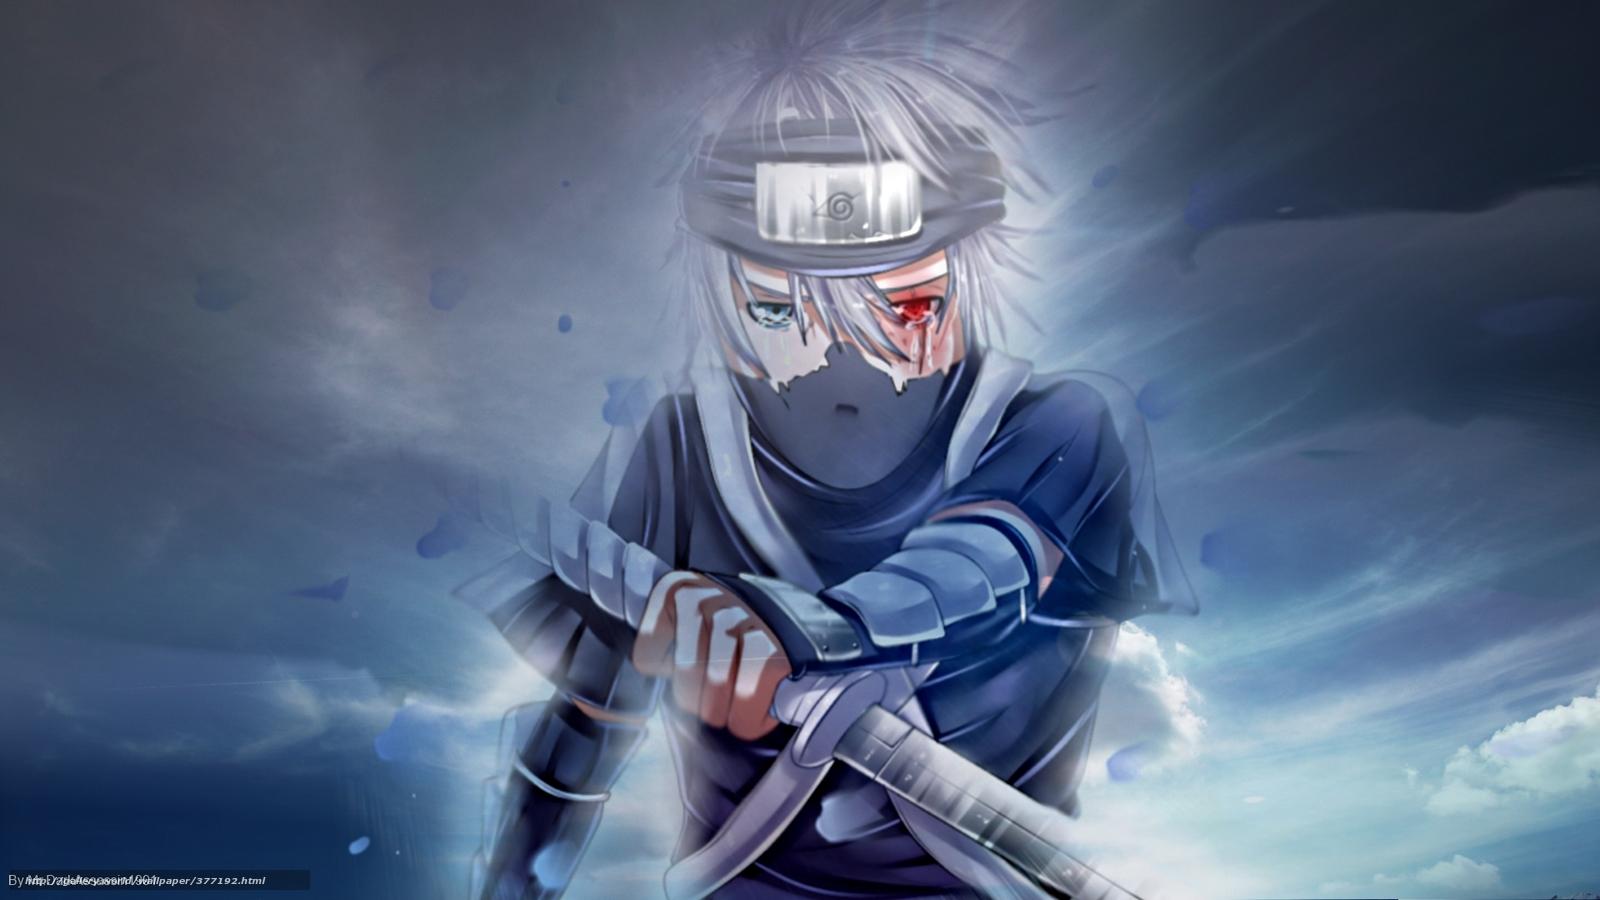 Trouver: Kakashi Sensei , naruto , Ninja , par mr.darkassassin1991: fr.gde-fon.com/download/Kakashi-Sensei_naruto_Ninja_par/377192...